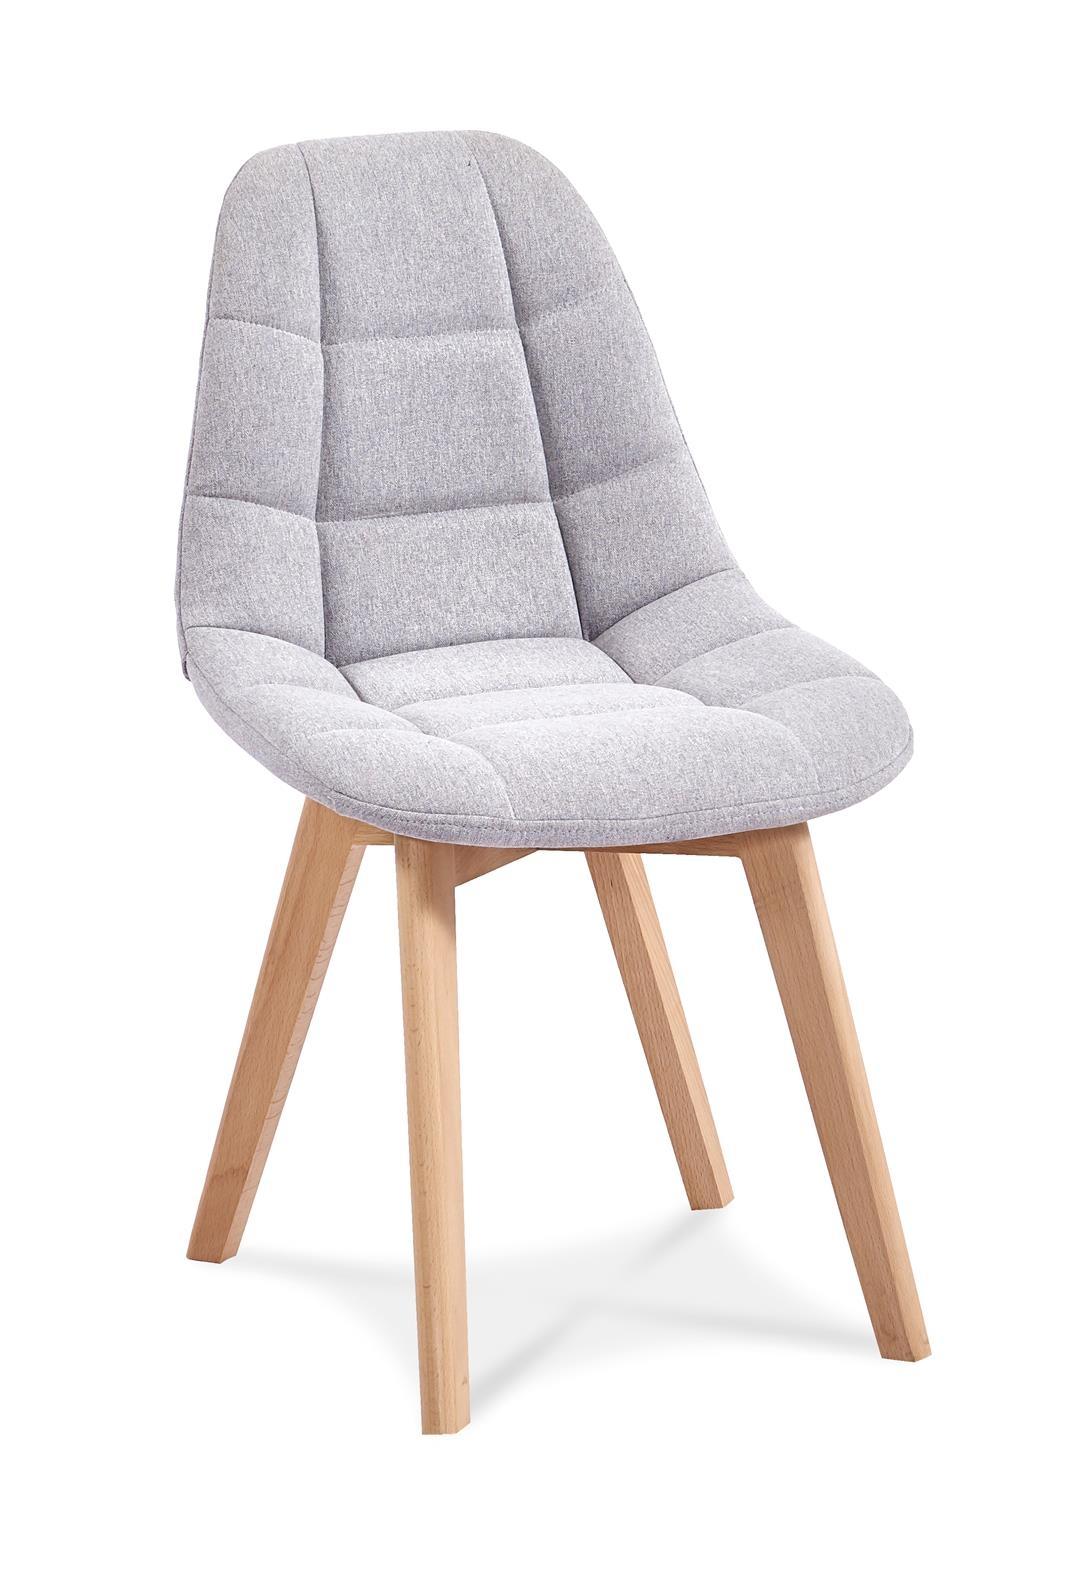 Scaun tapitat cu stofa, cu picioare din lemn Westa Light Grey / Beech, l49xA52xH83 cm